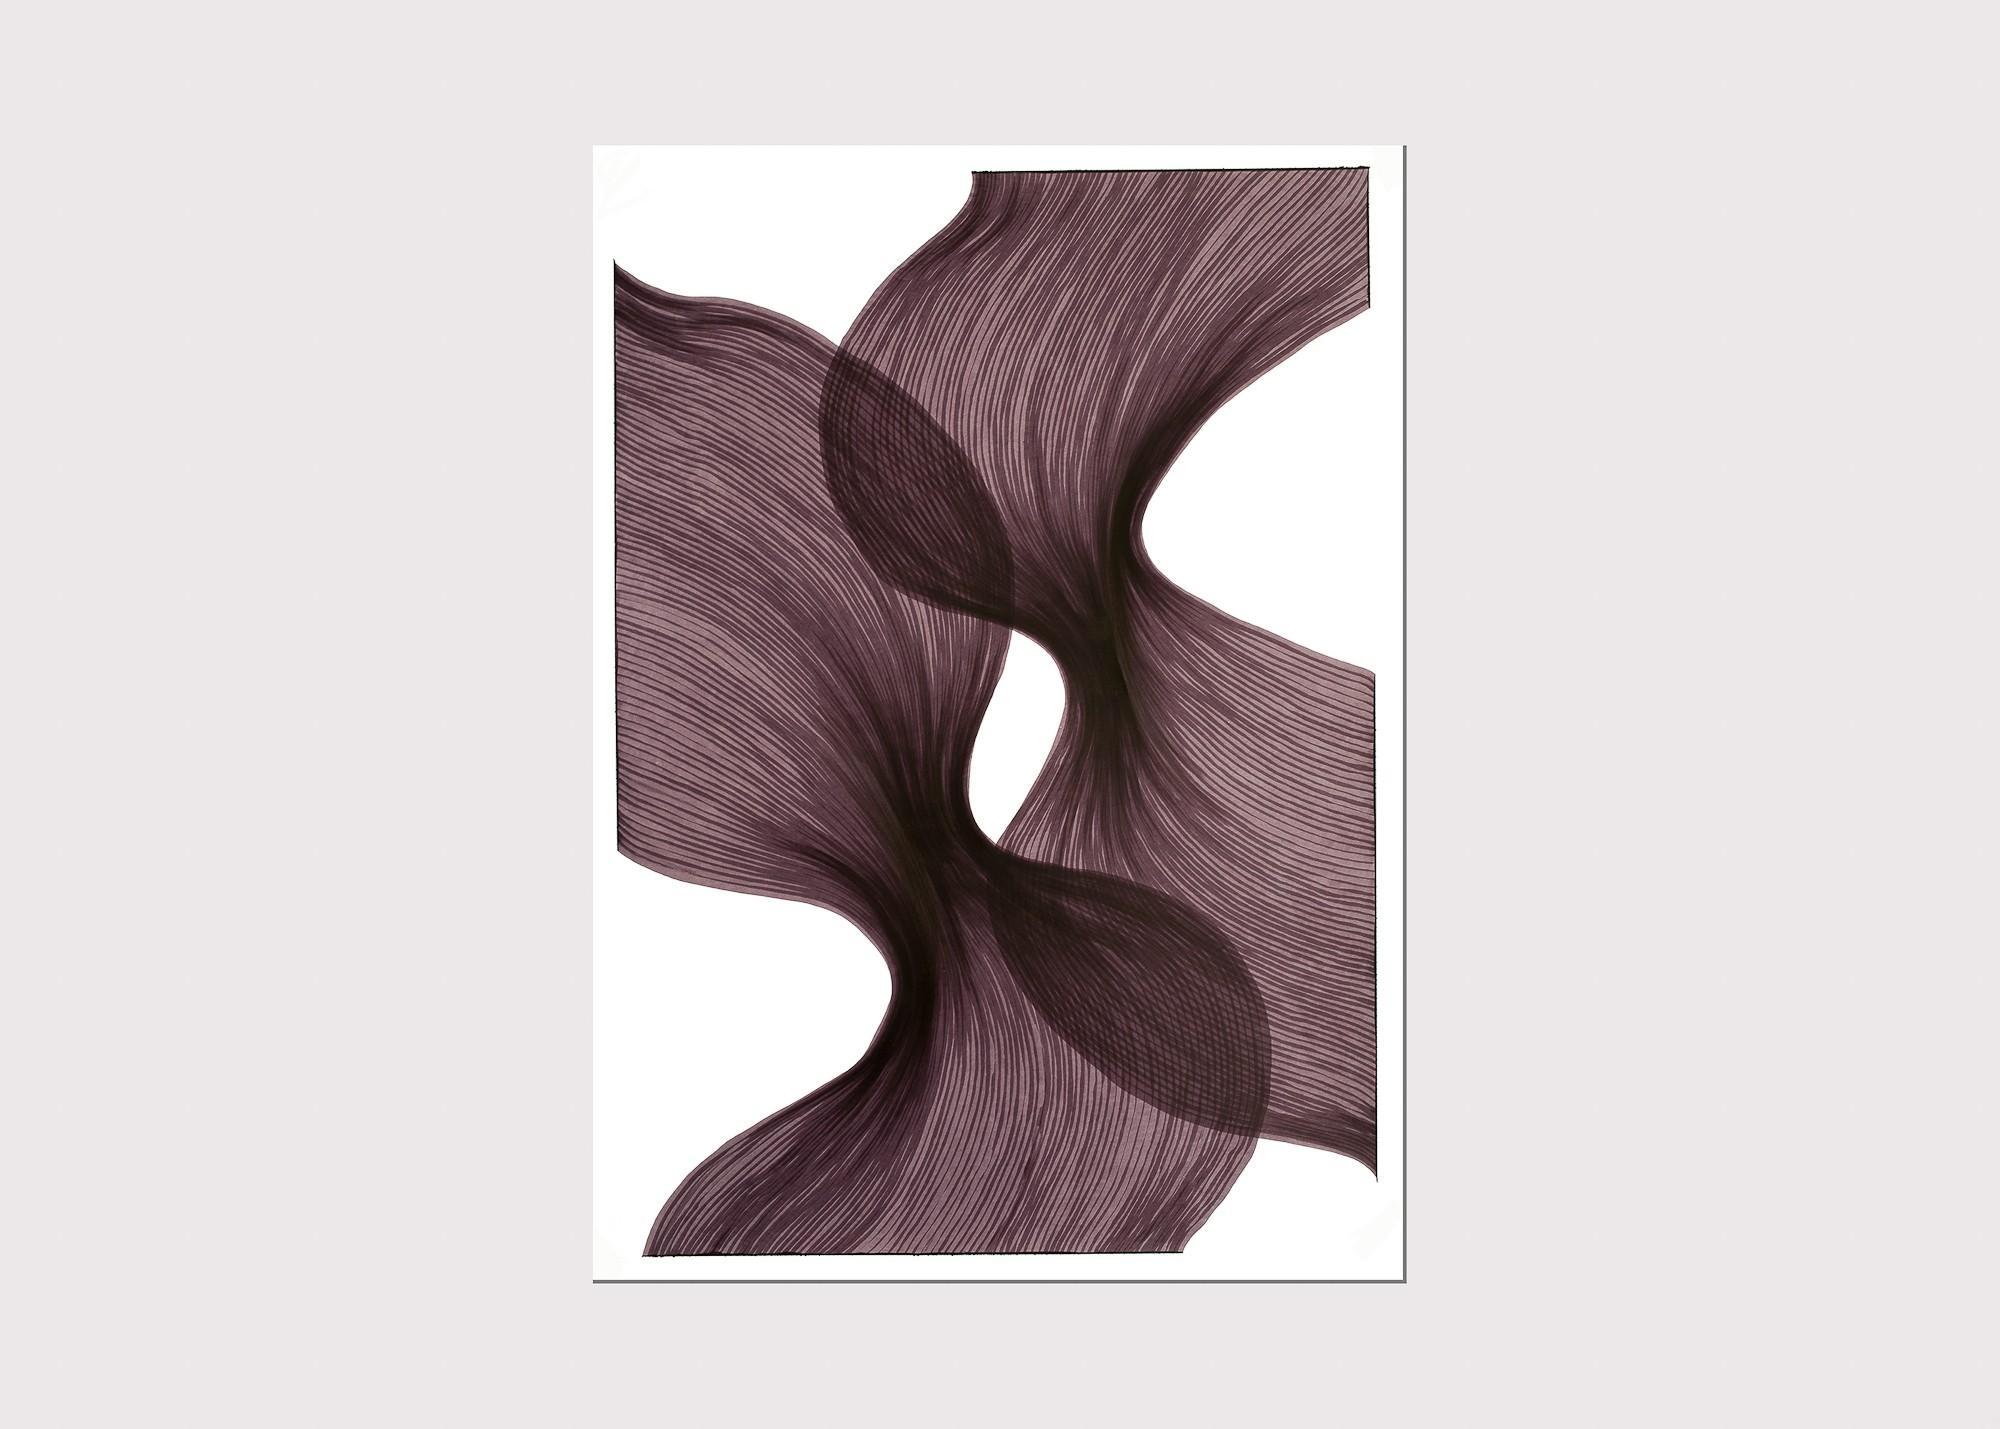 Venice Sheer Folds | Lali Torma | Zeichnung | Kalligraphietusche auf Papier - 2